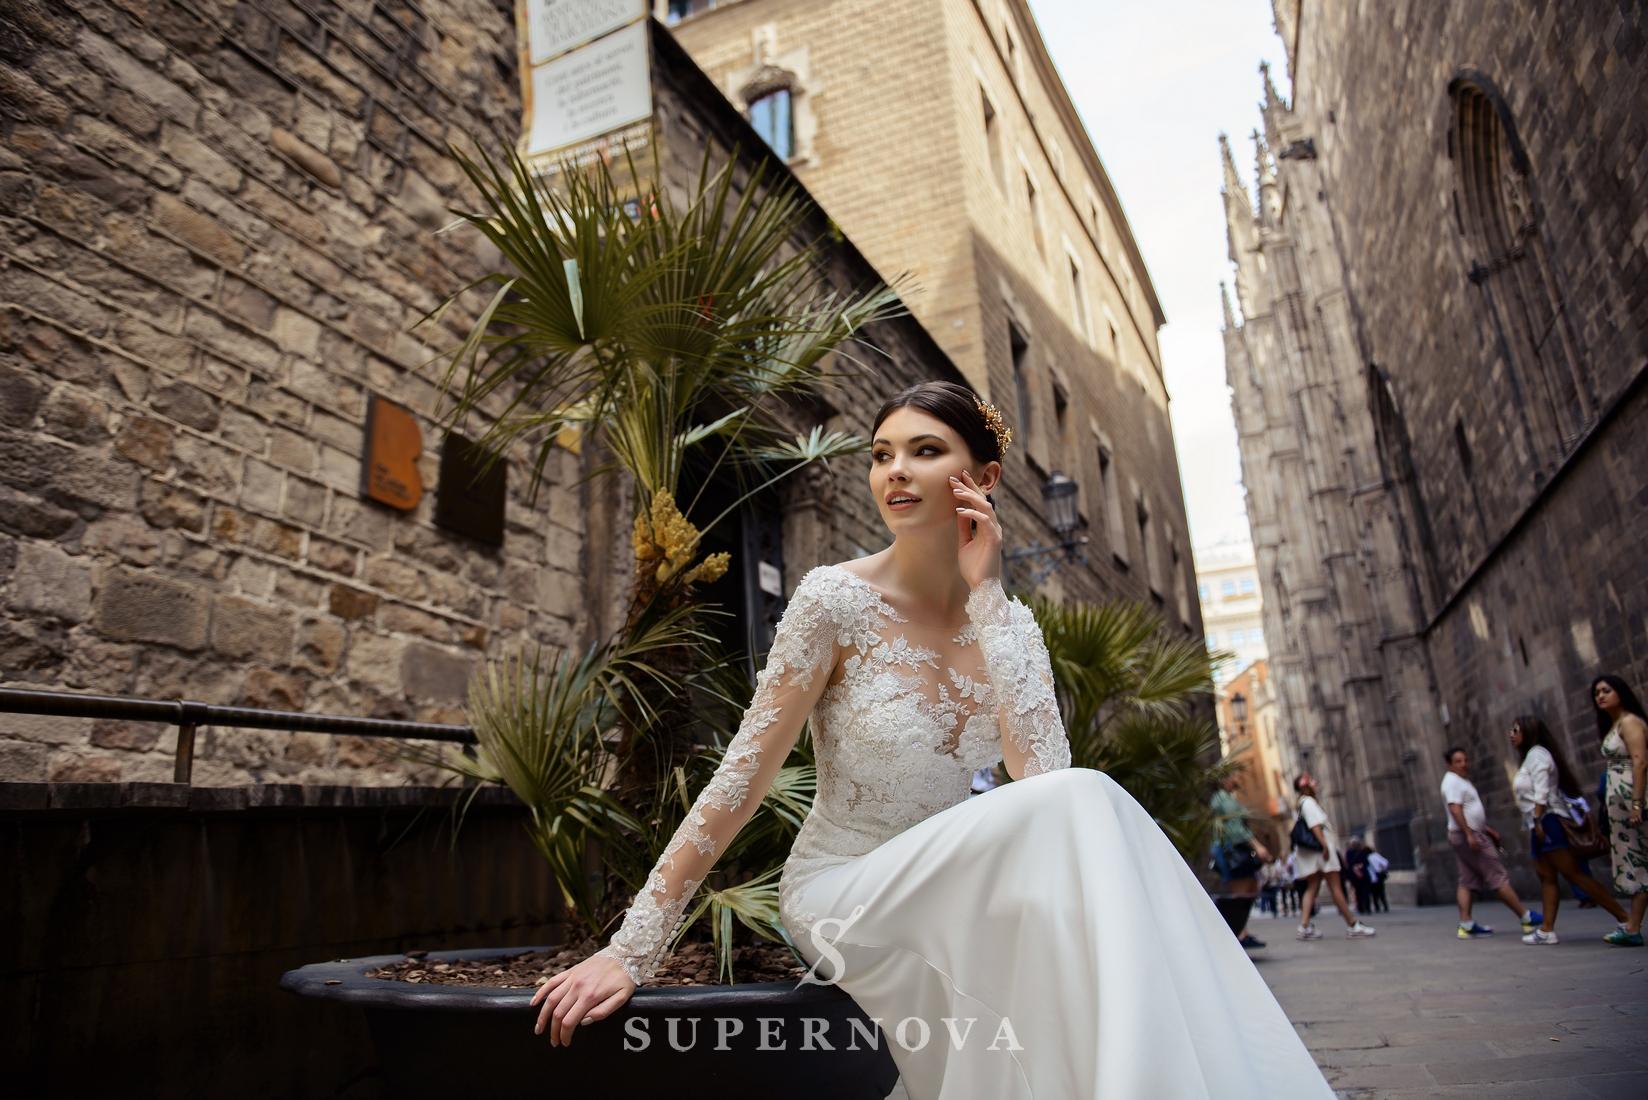 Свадебное платье с аппликациями  и мягкой юбкой-шлейф от Supernova оптом-1